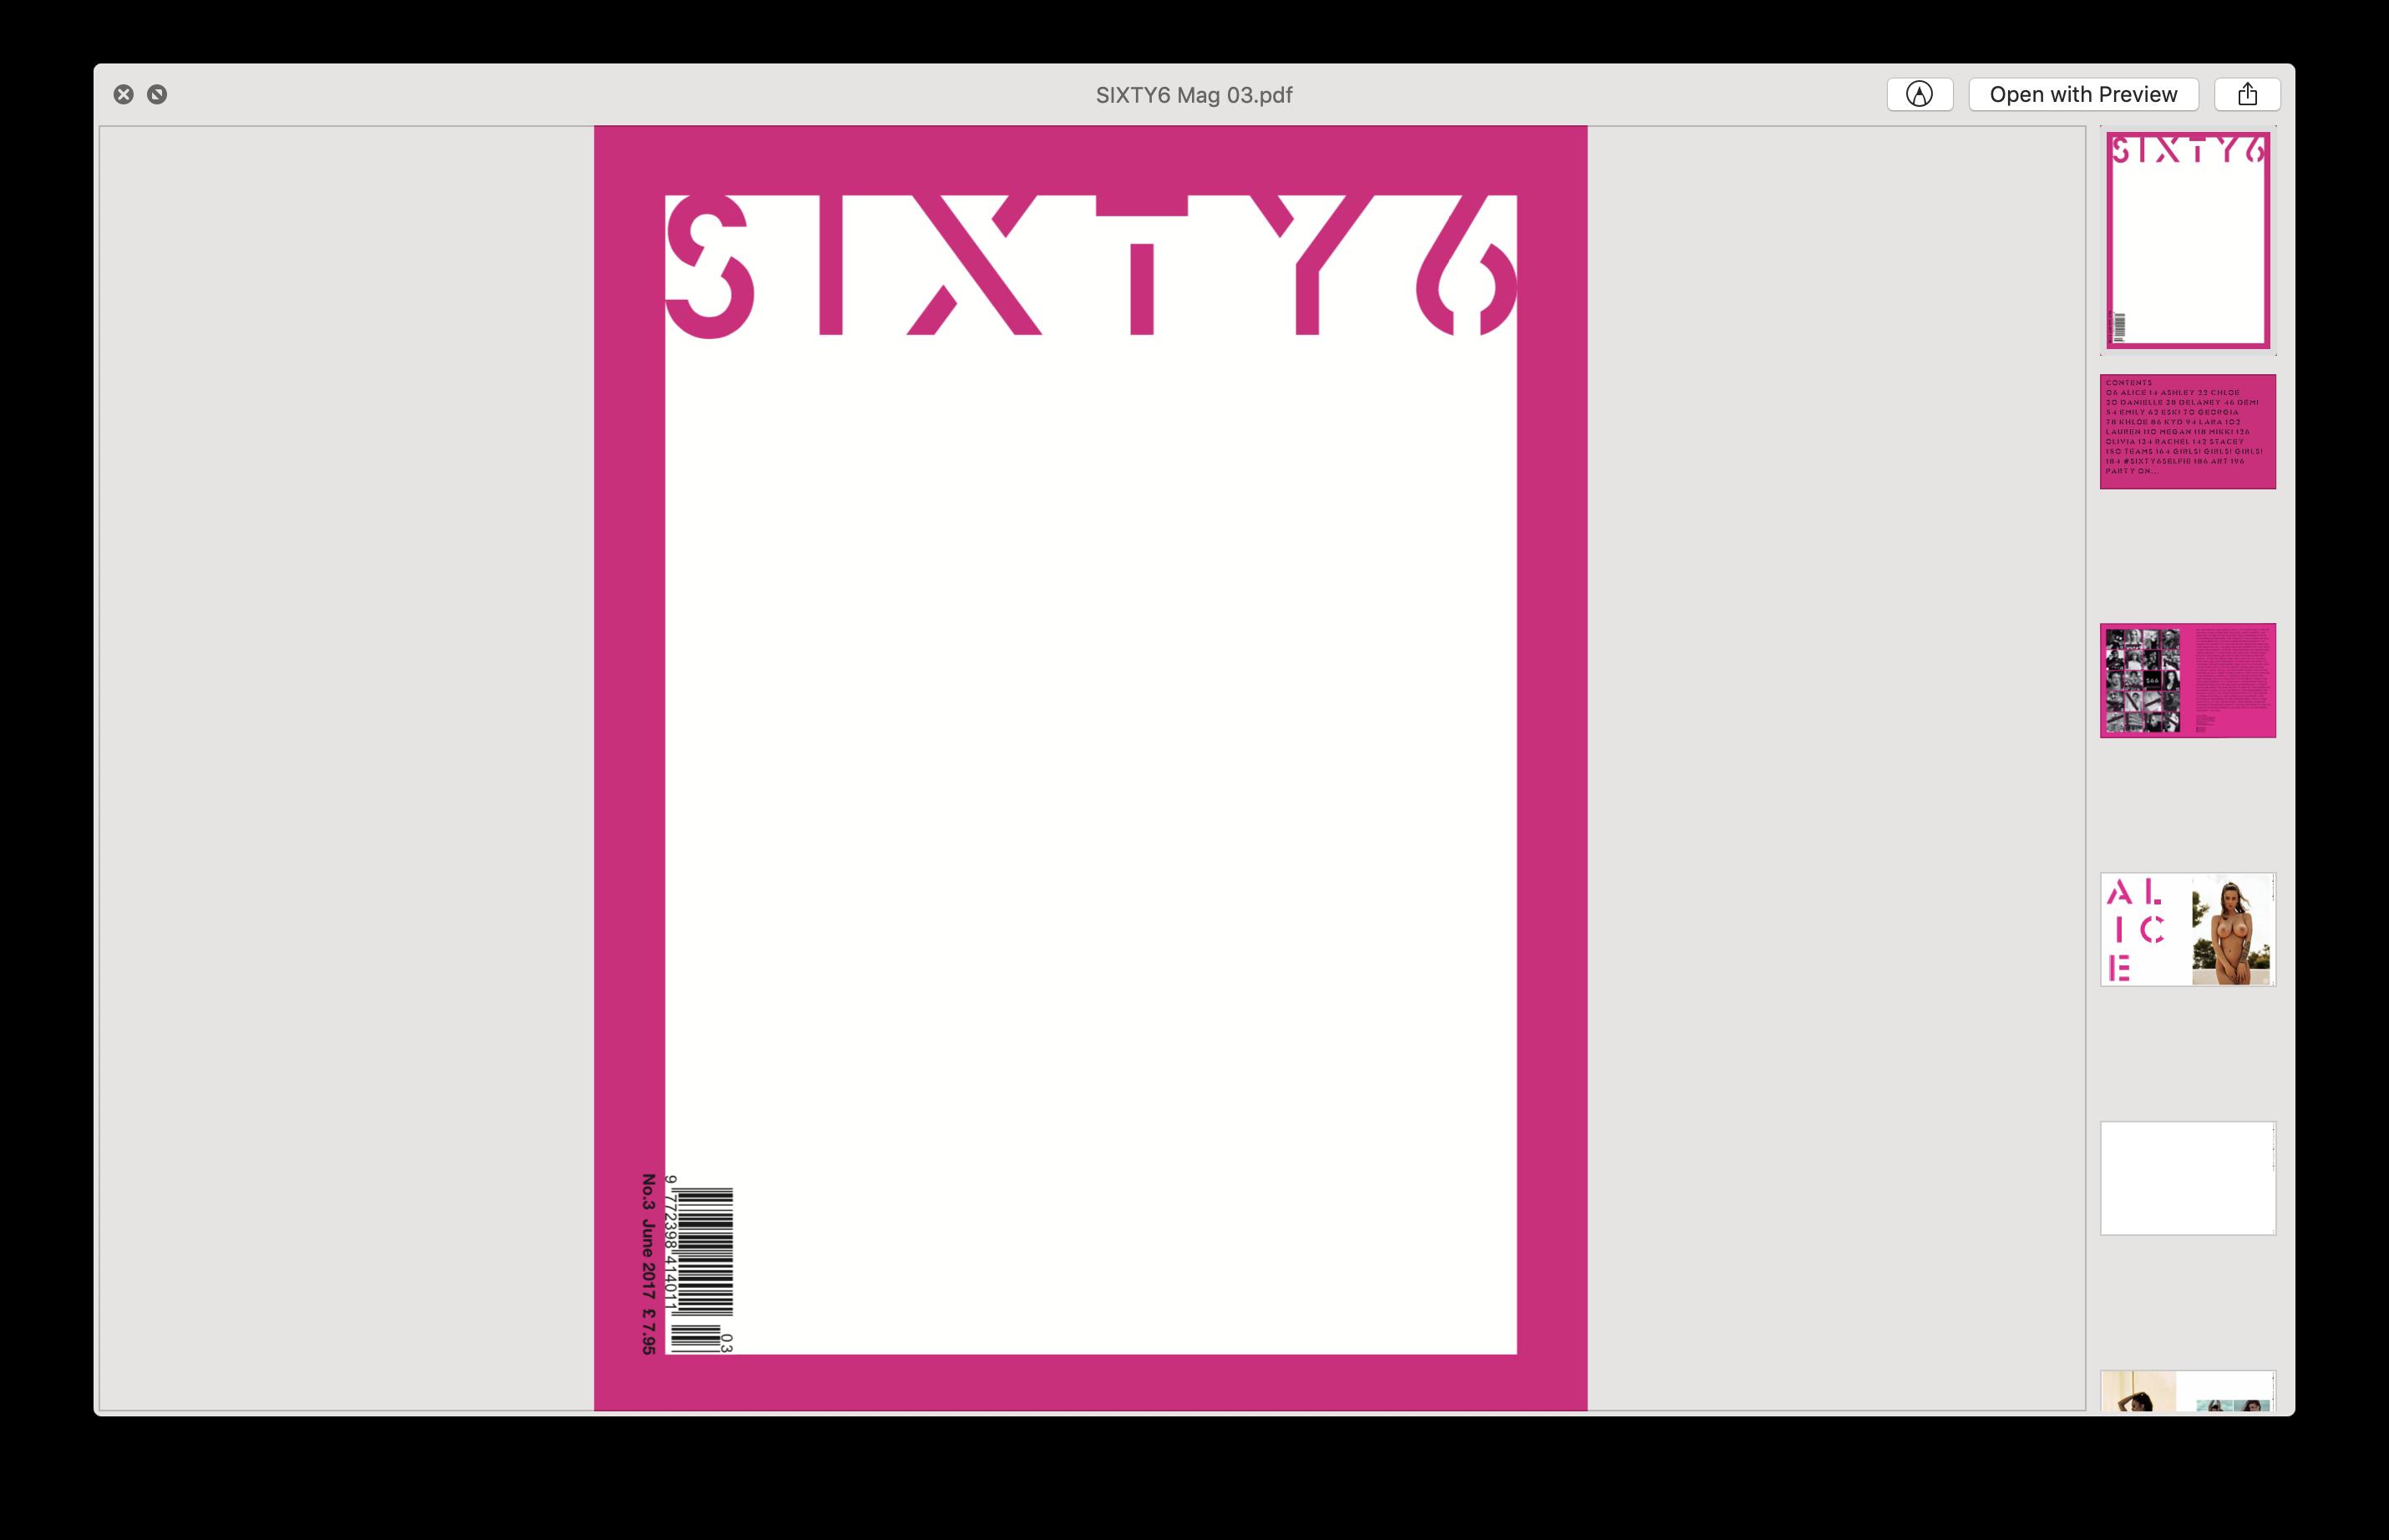 IOS 12 1 PDF rendering bug | MacRumors Forums